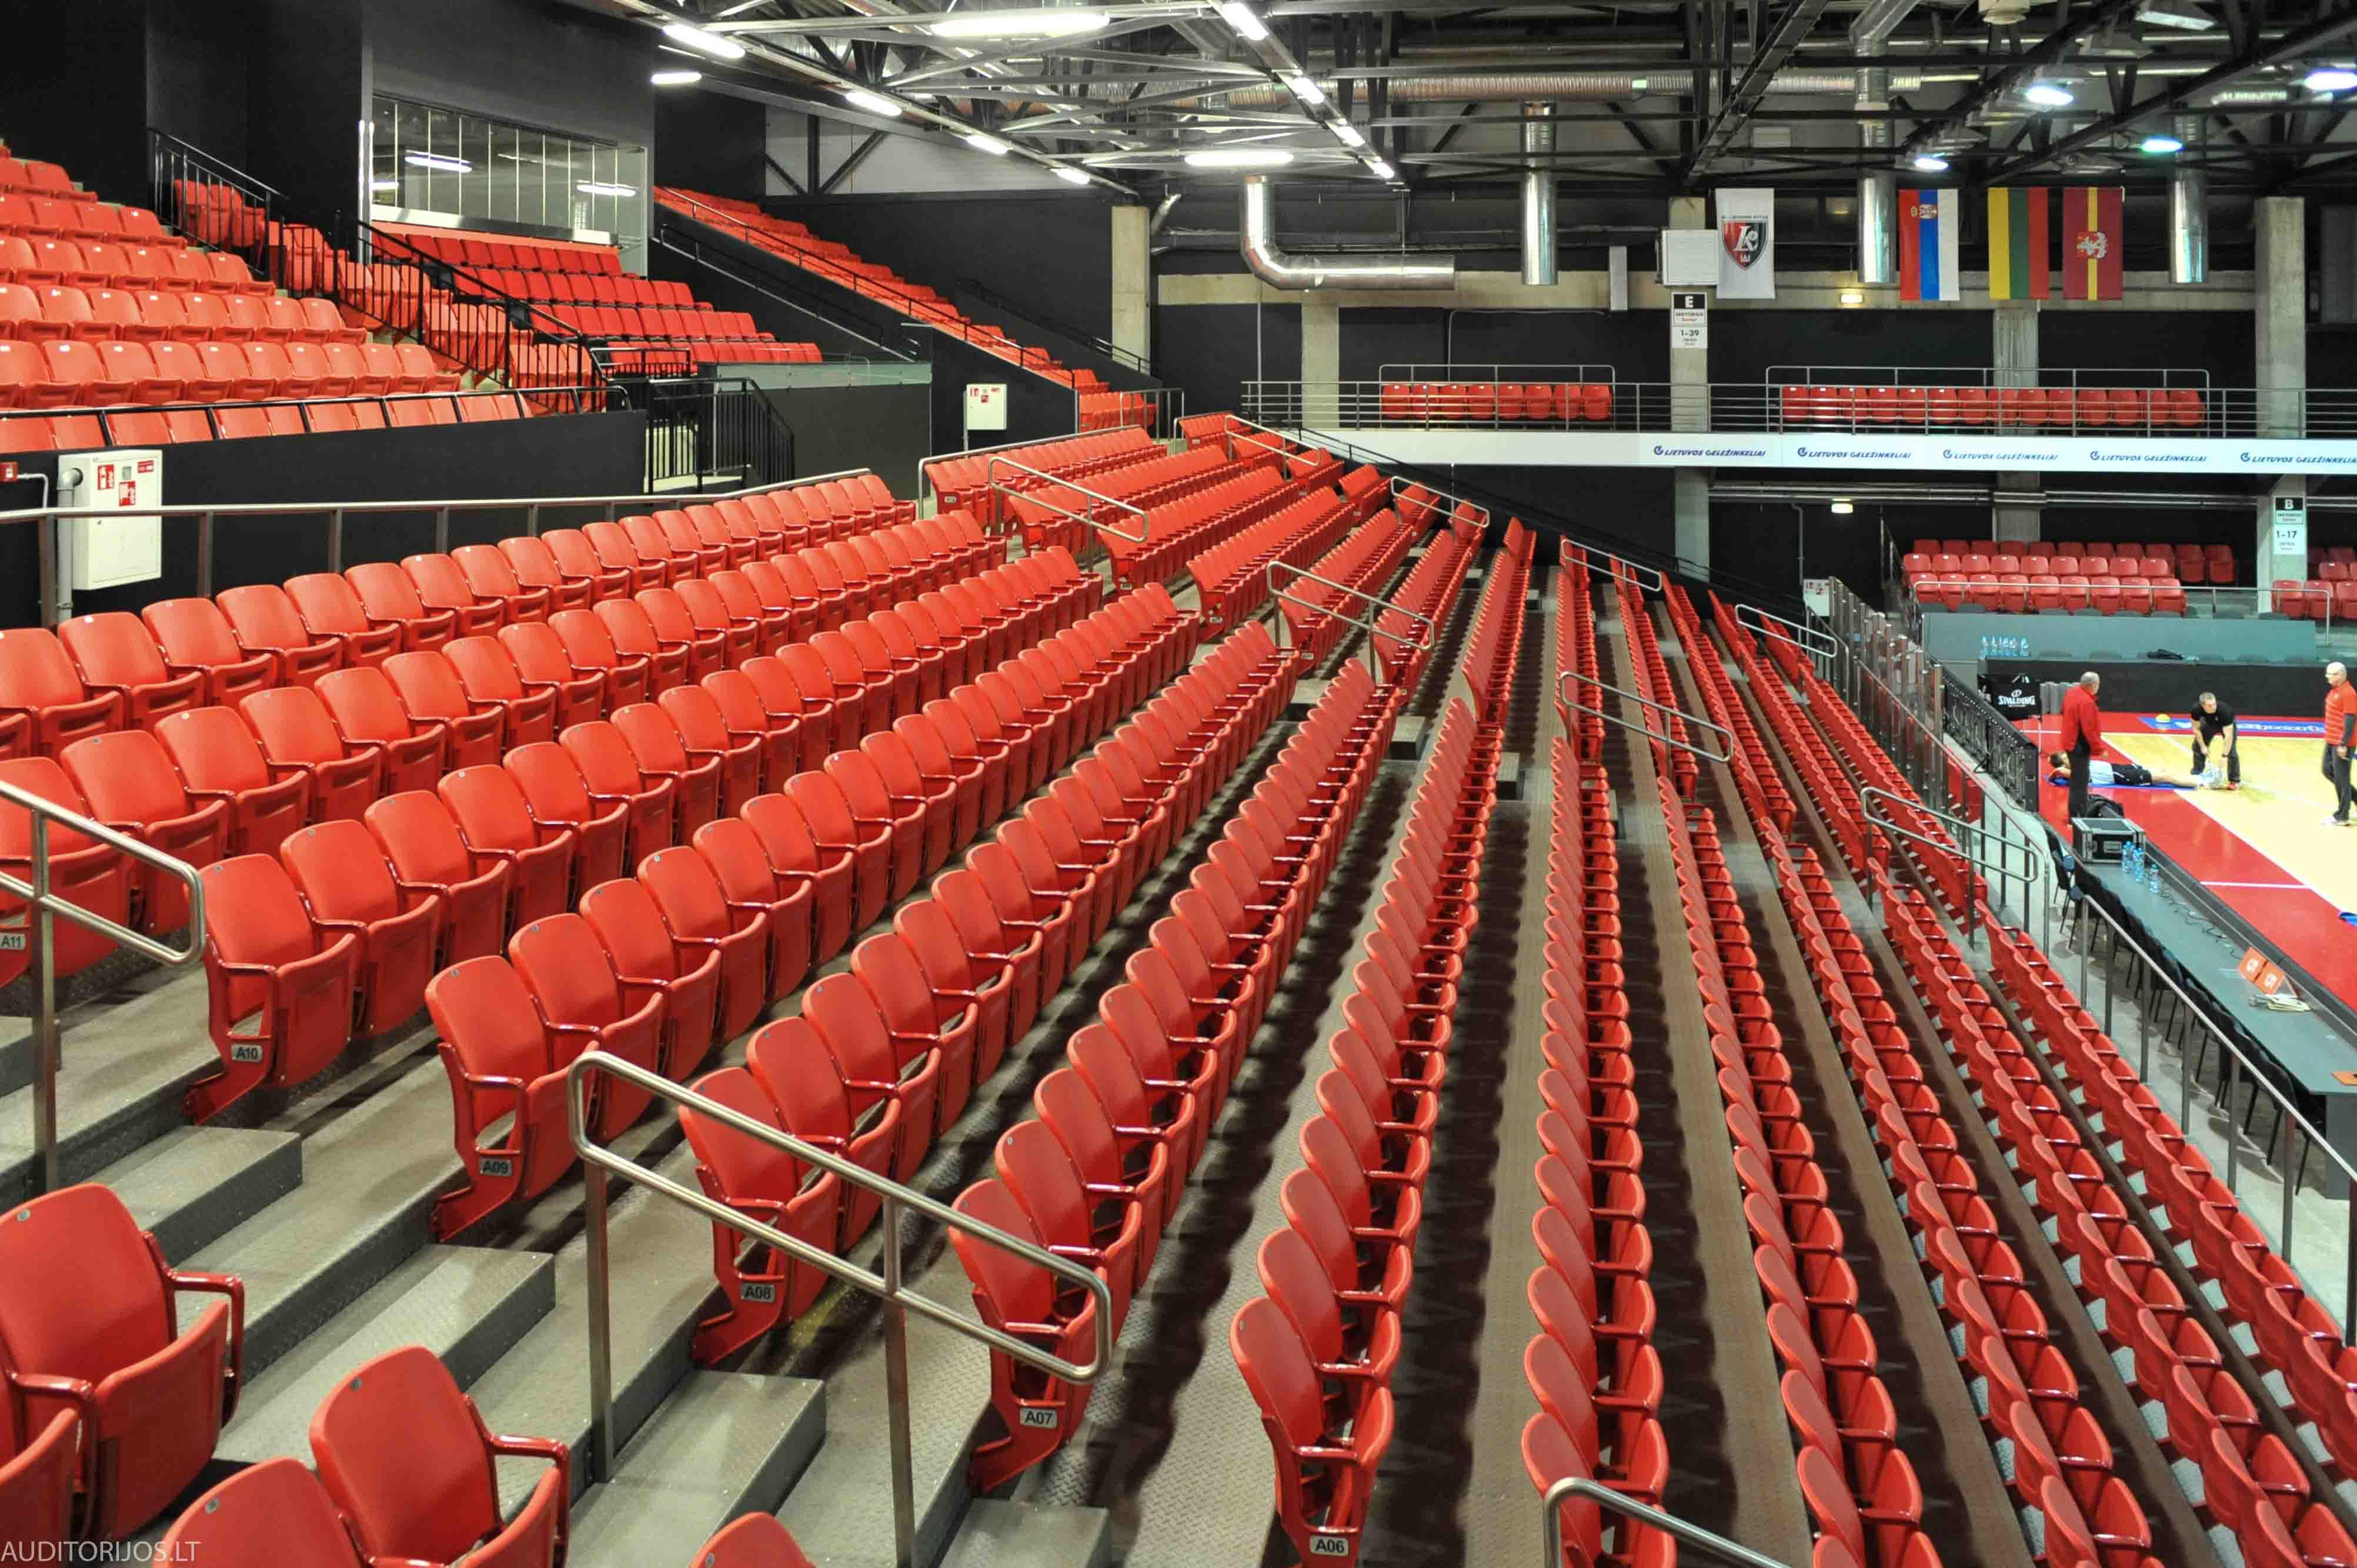 Lietuvos Rytas Arena Seating Vertika DSC_3322